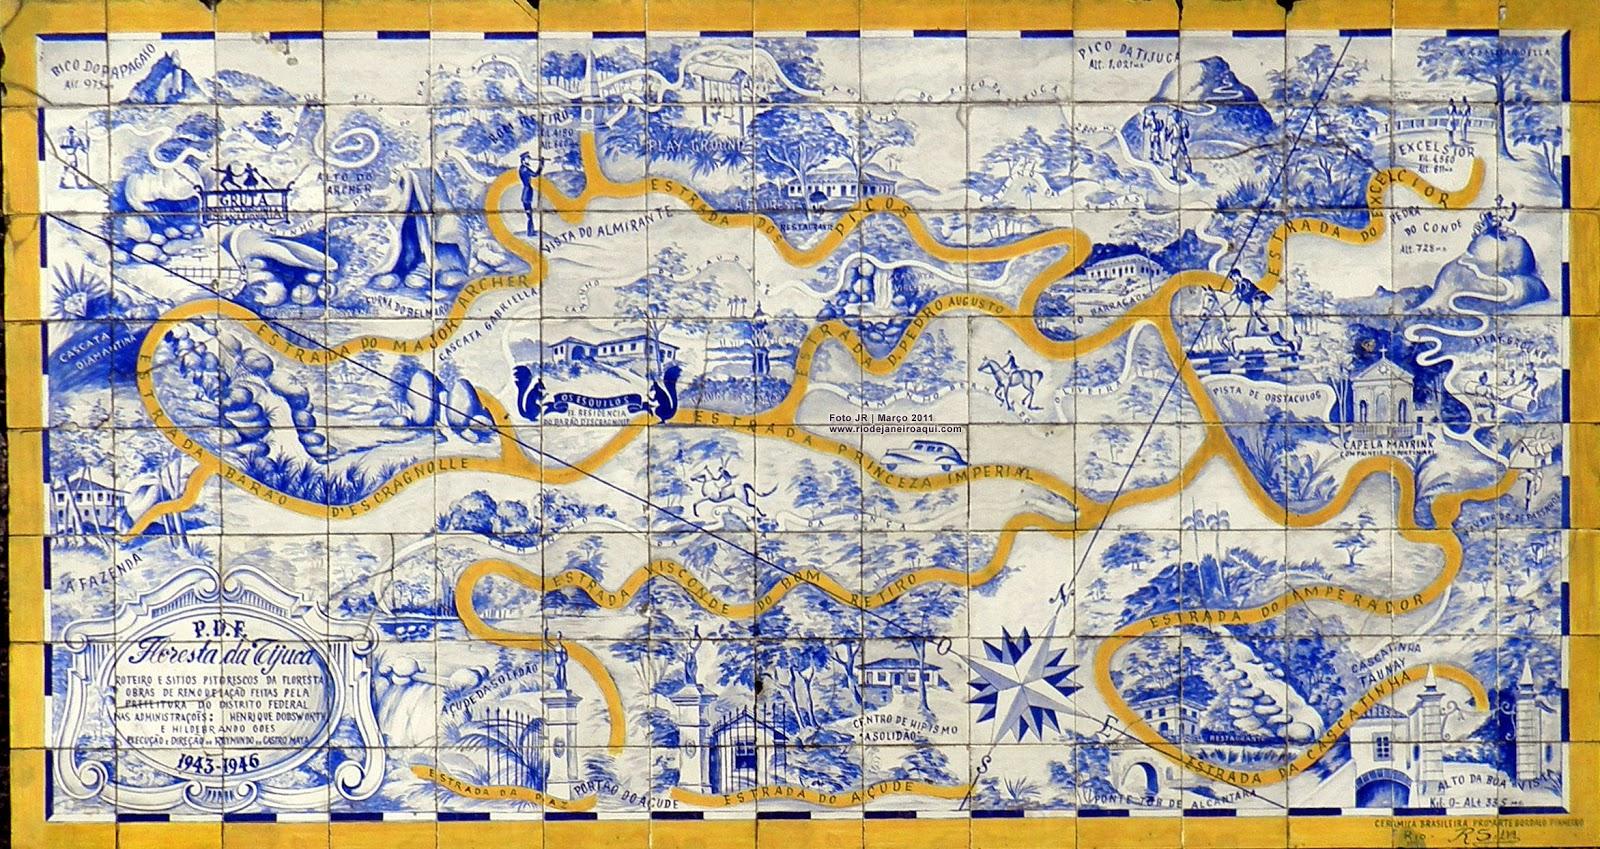 Porcelana brasil mapa da floresta da tijuca em painel de for Azulejos europa 9 telefono